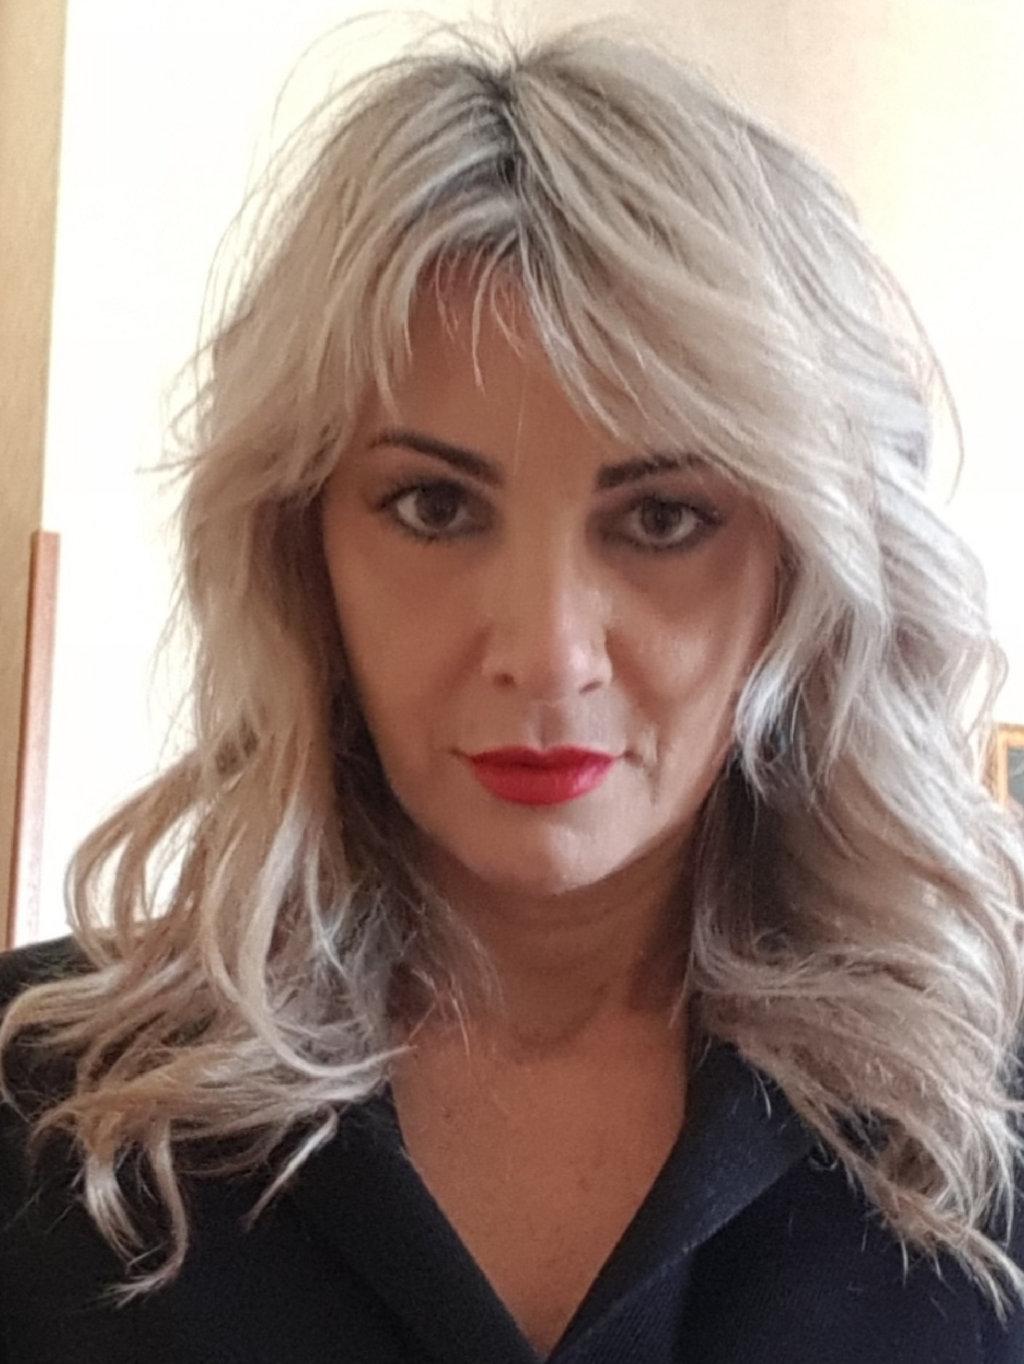 Letizia Giombetti